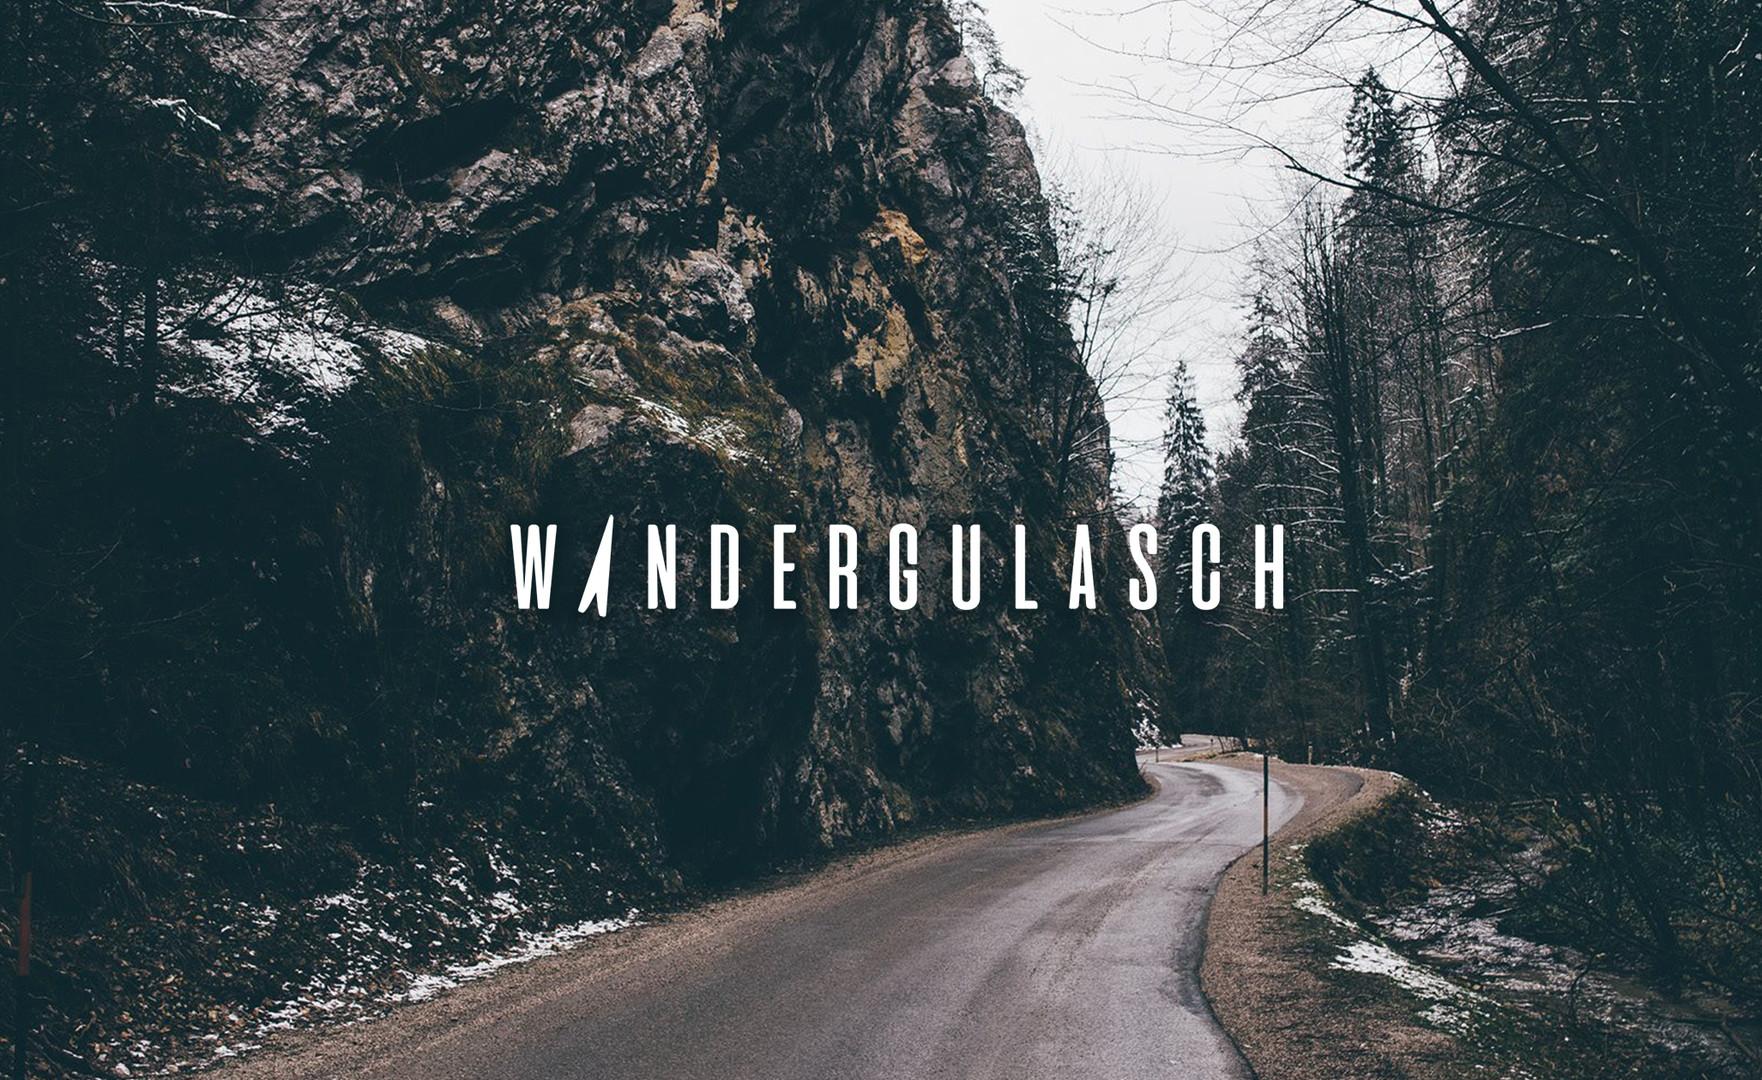 WANDERGULASCH_3.jpg